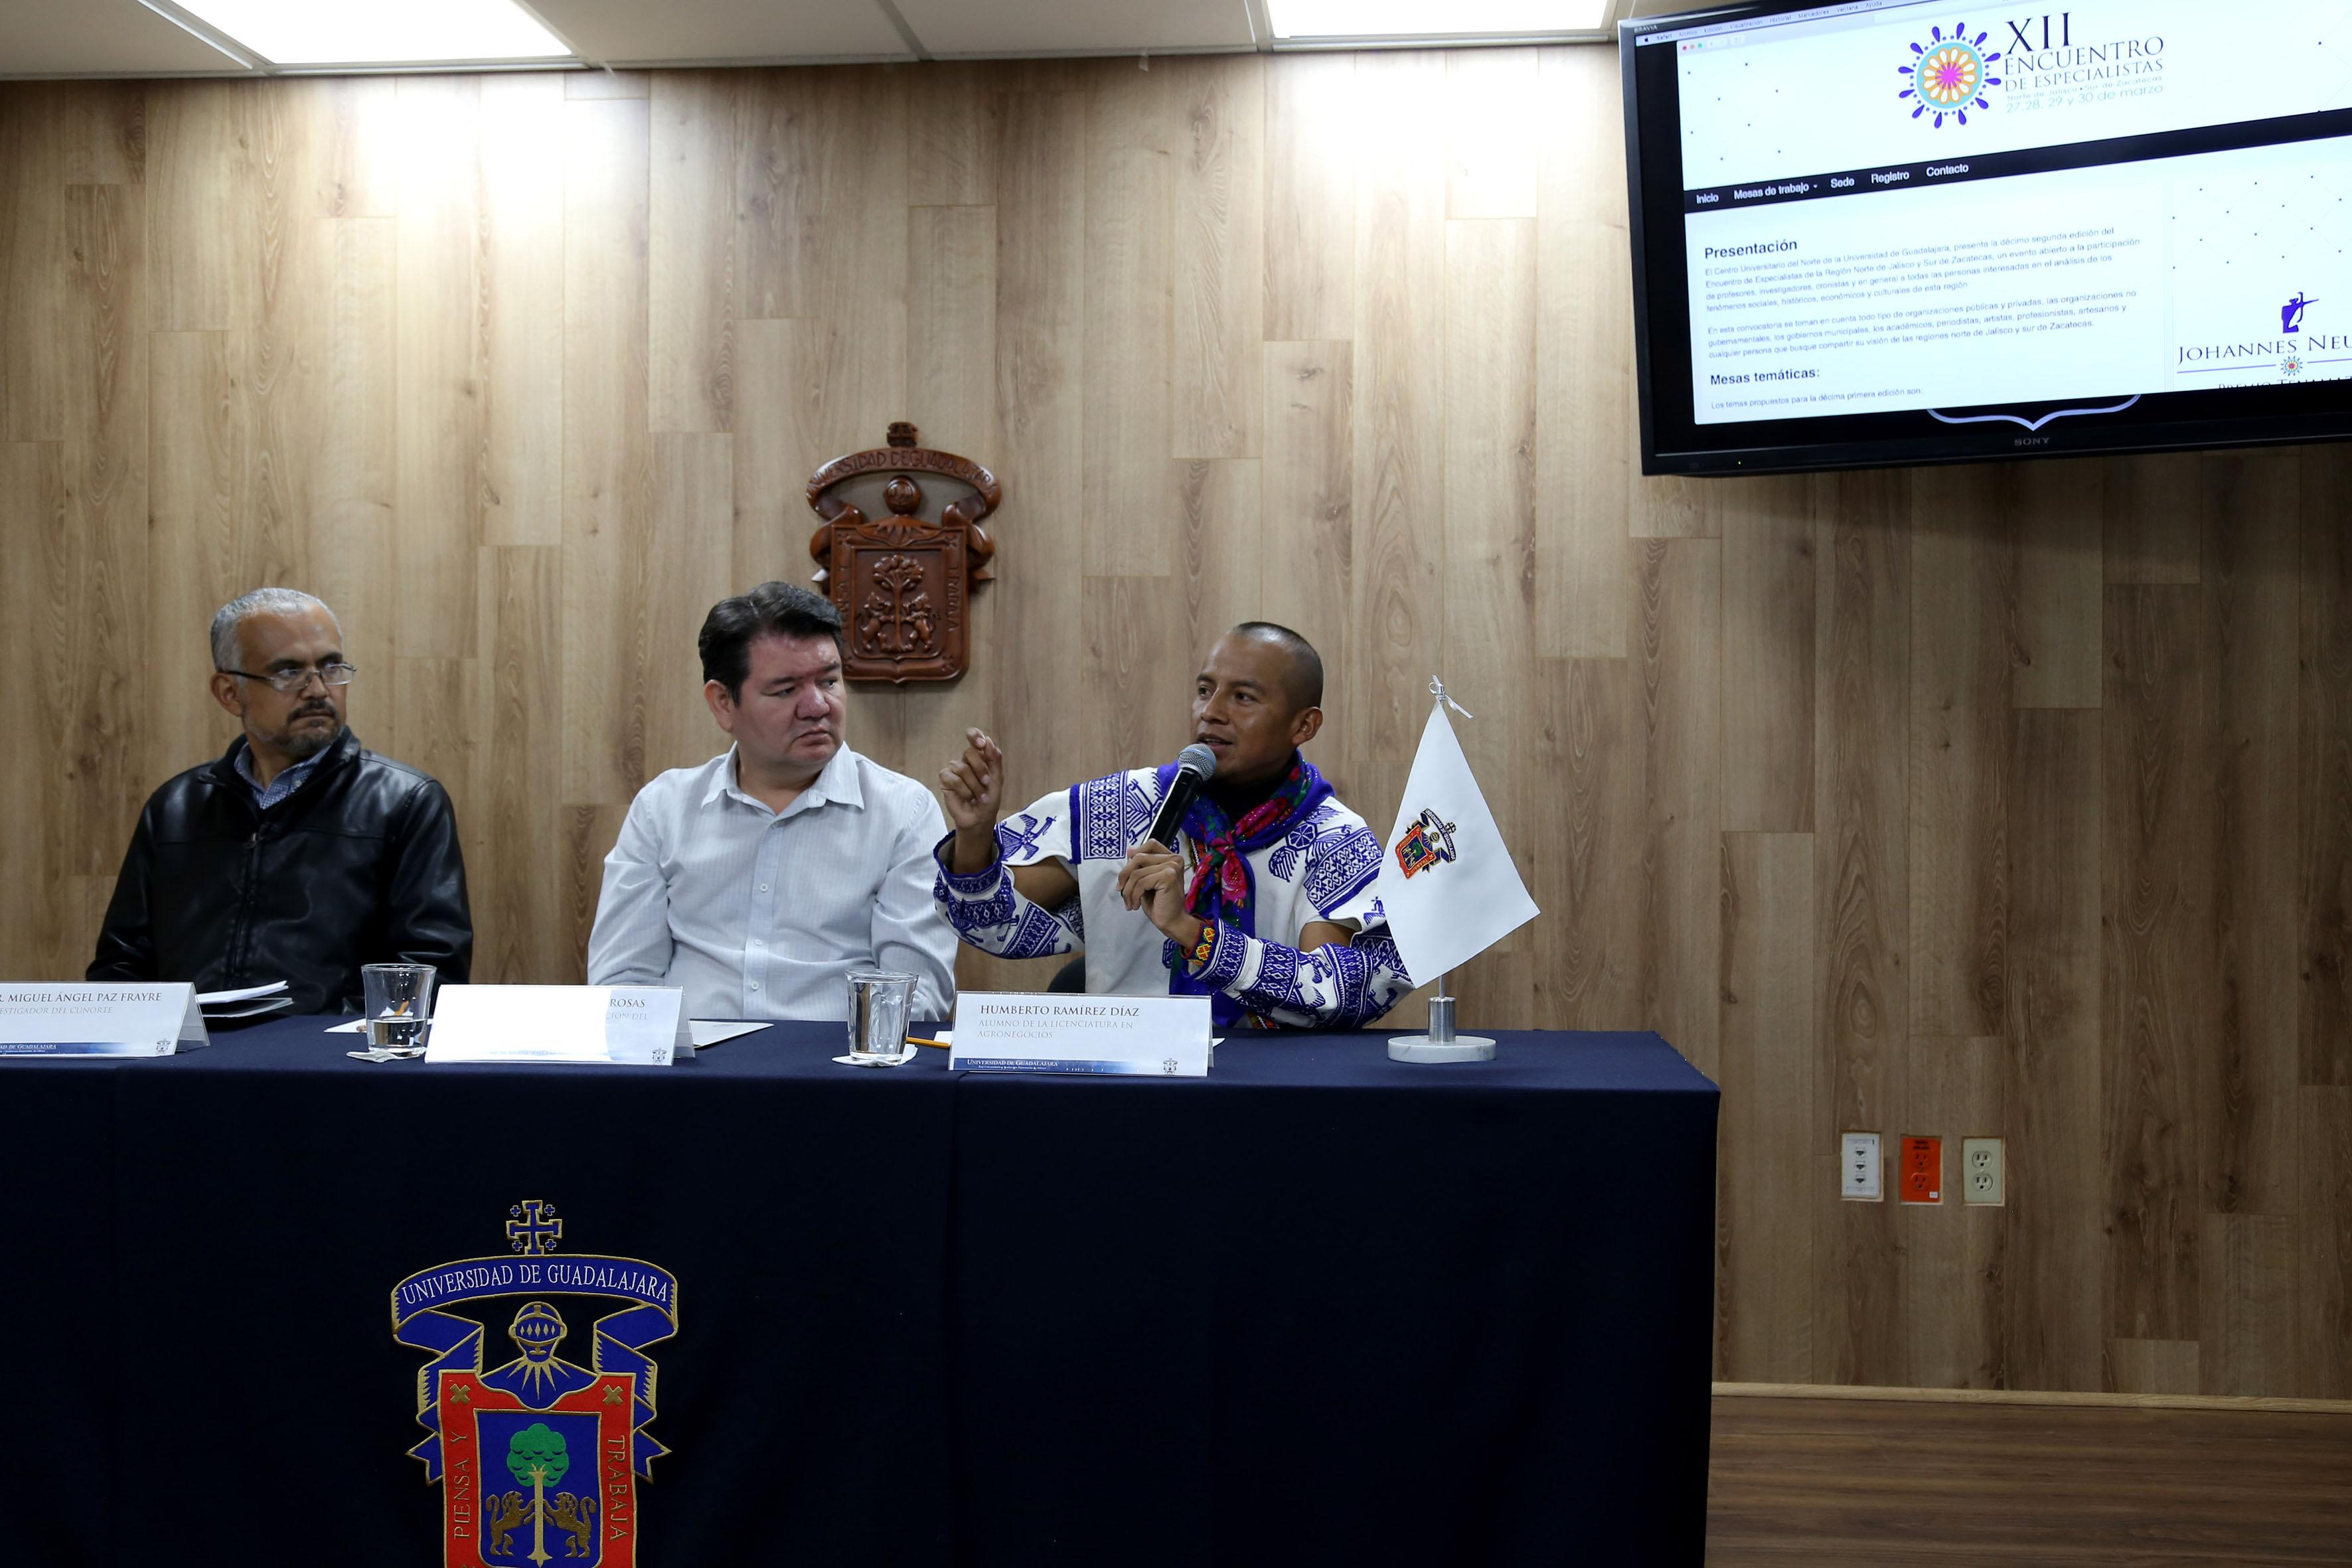 Humberto Ramírez Díaz, estudiante de la licenciatura en Agronegocios hacendo uso de la voz